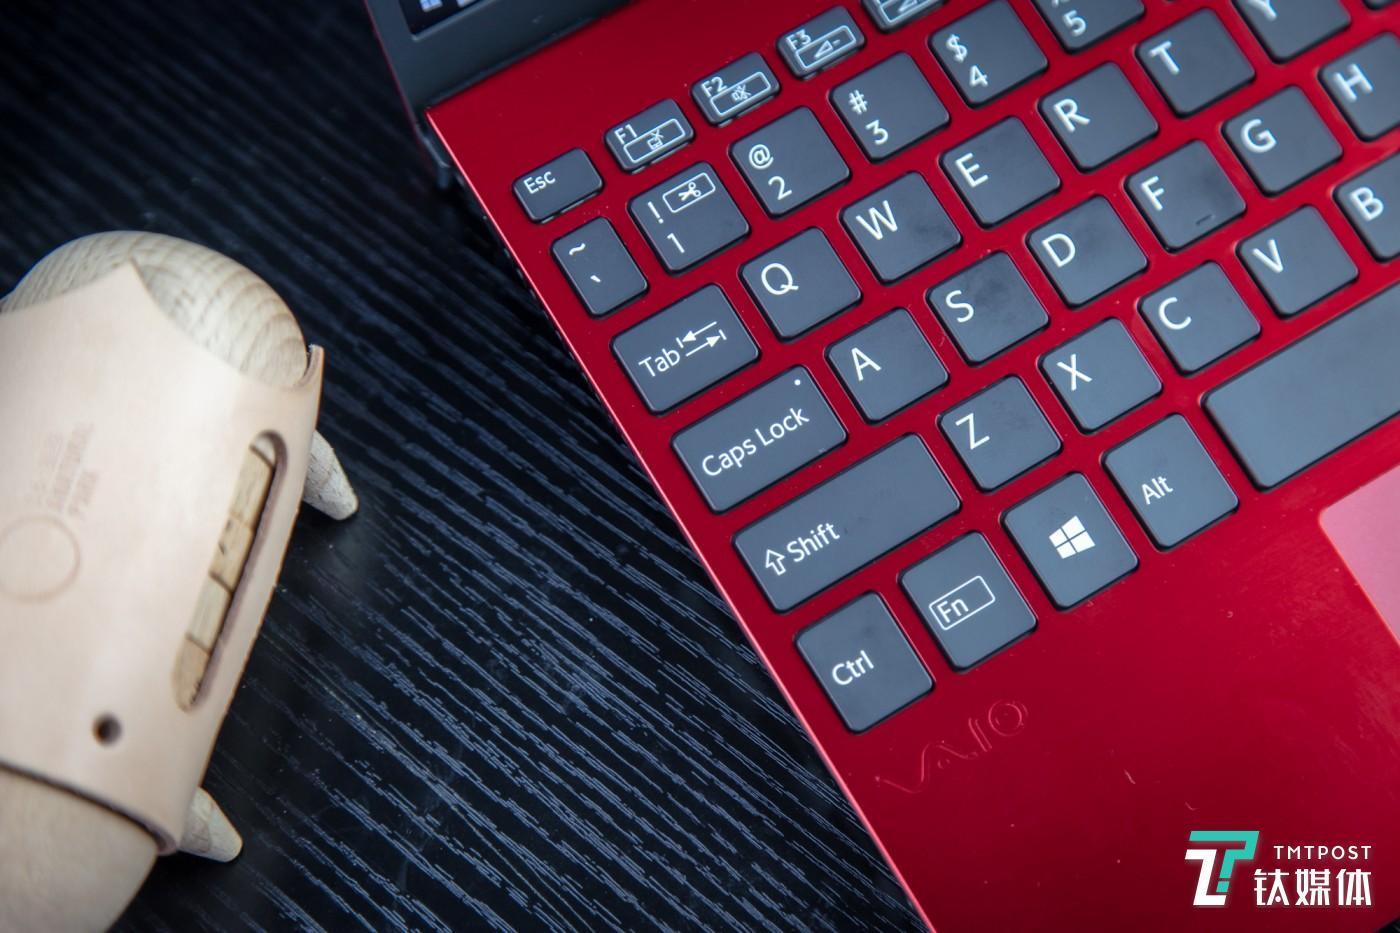 键盘边缘超窄空间